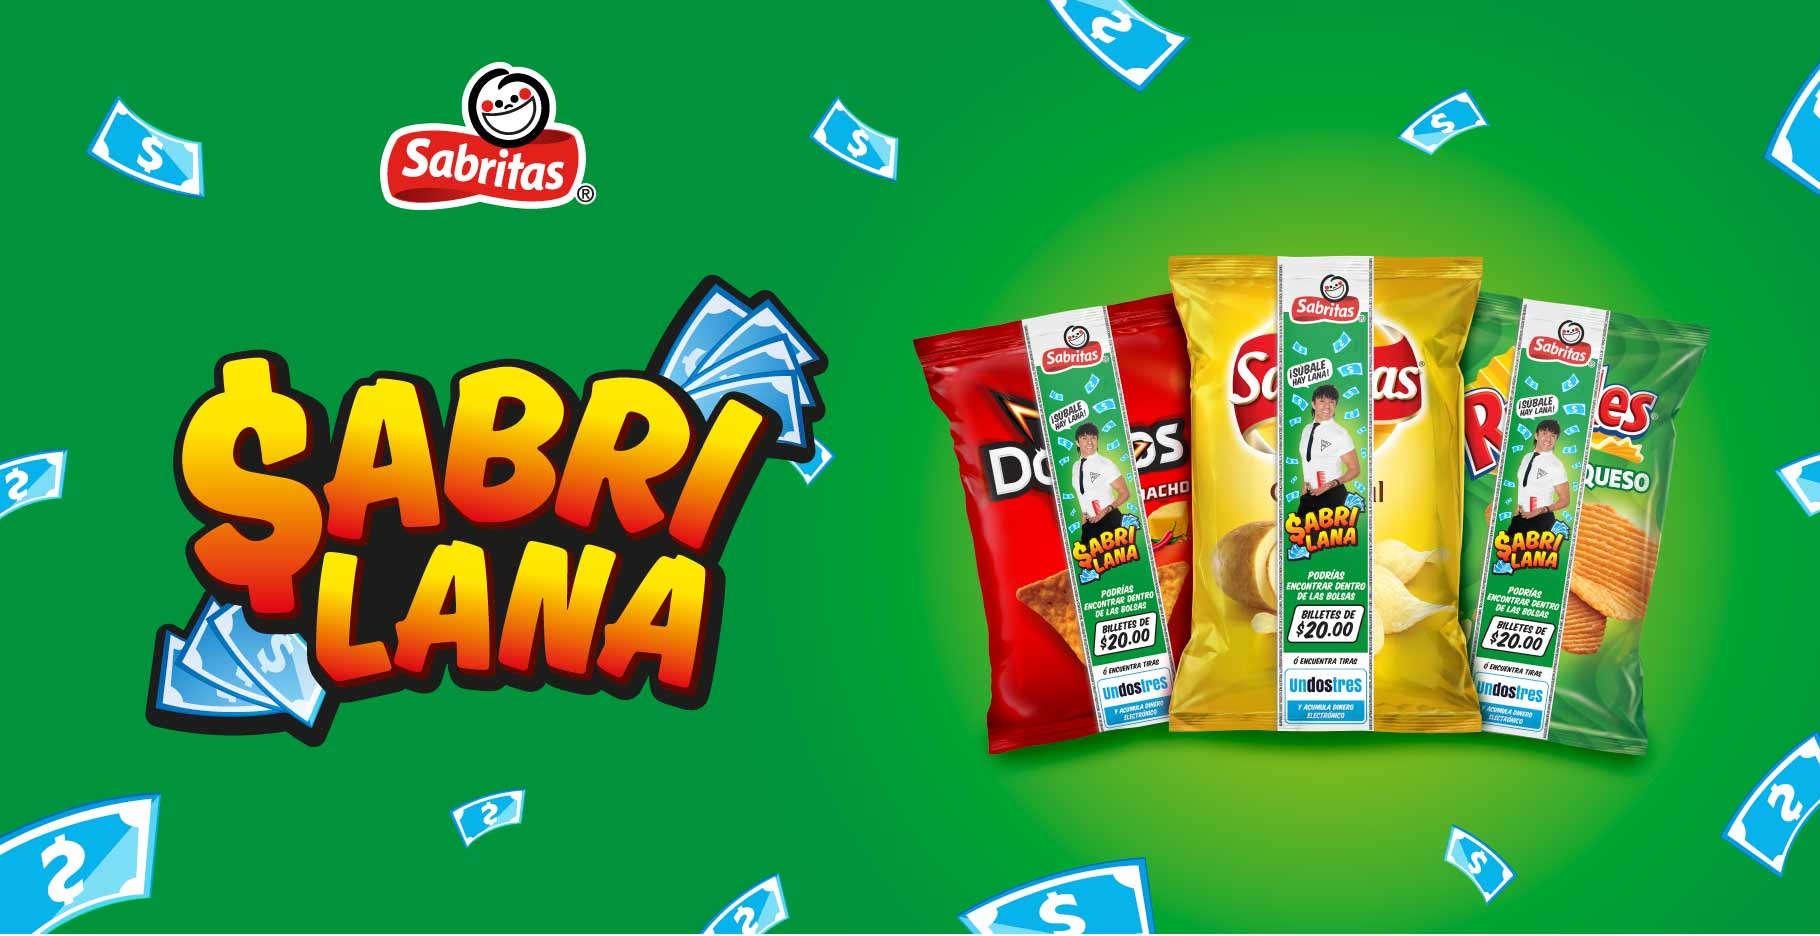 Promoción Sabritas 2020 Sabri Lana: Gana Dinero y Billetes de $20